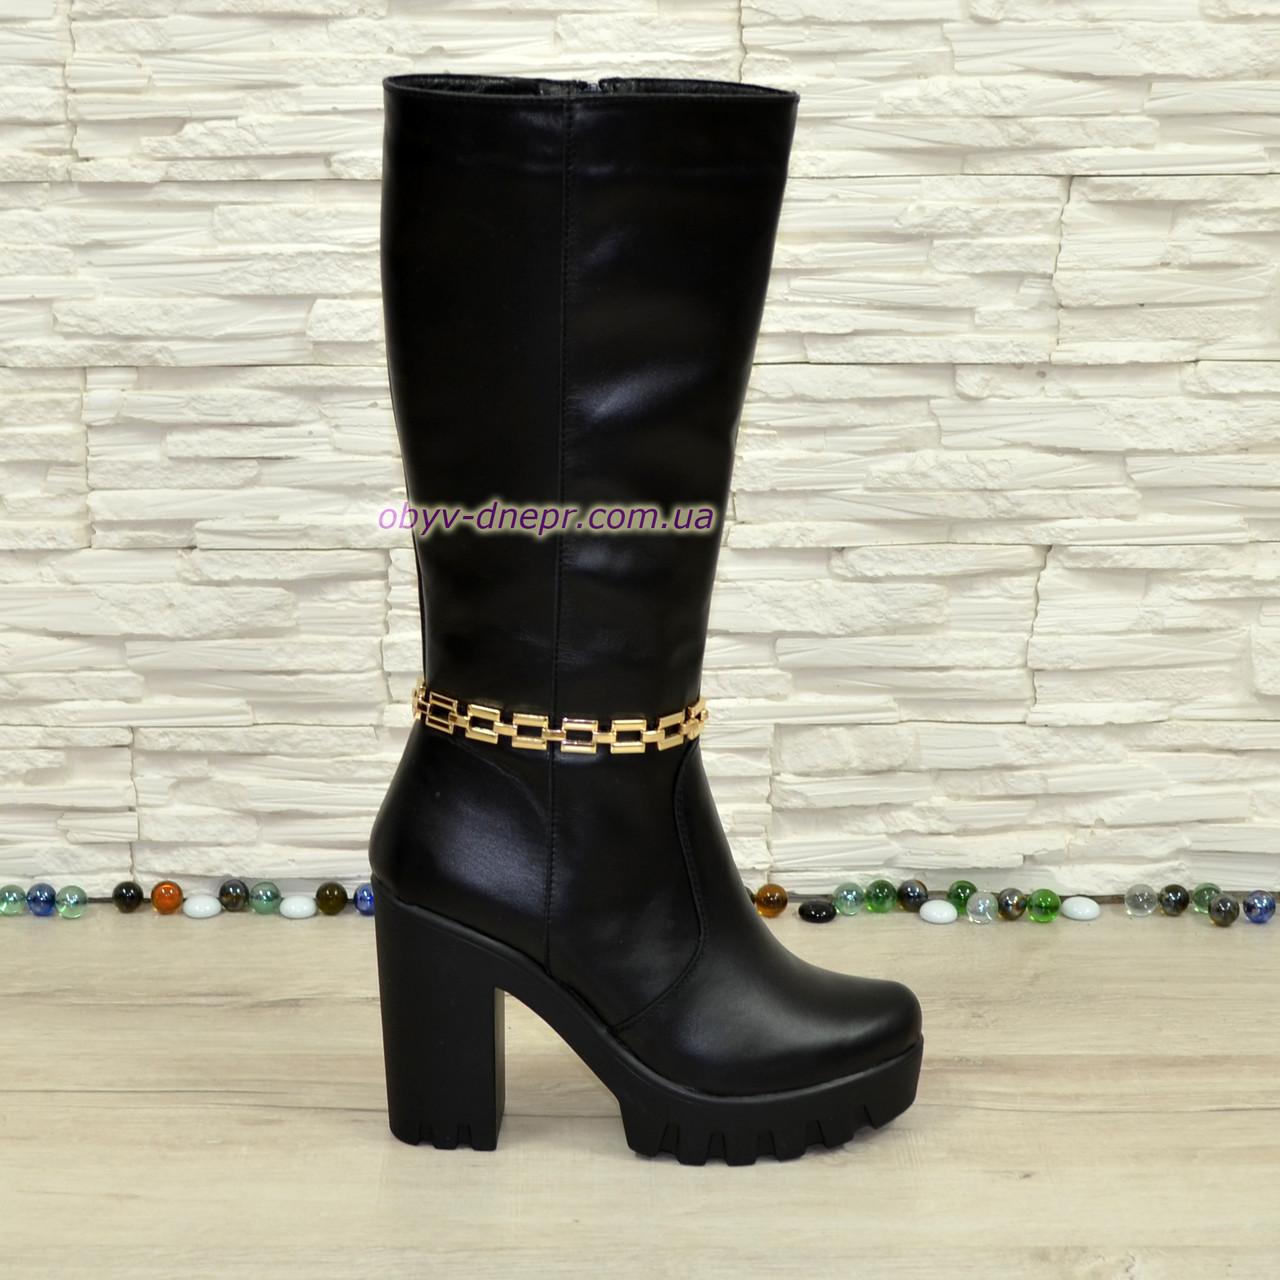 Сапоги женские кожаные   на устойчивом каблуке